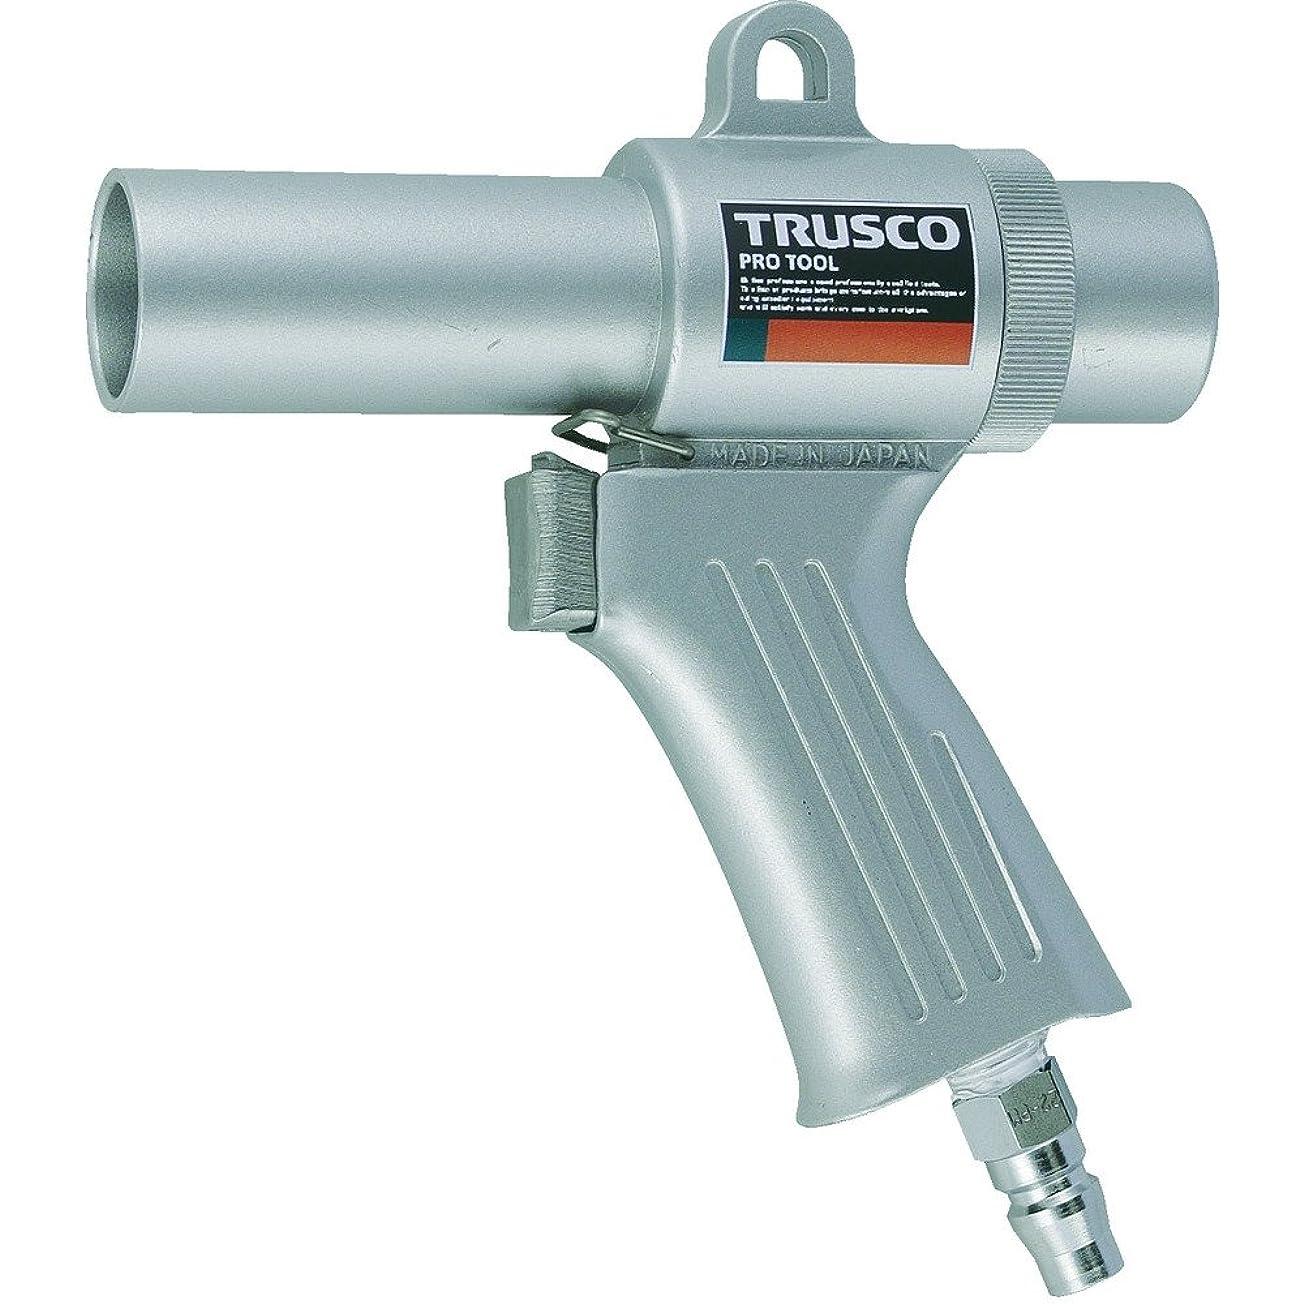 インタラクションそよ風びっくりTRUSCO(トラスコ) エアーガン 最小内径22mm MAG-22